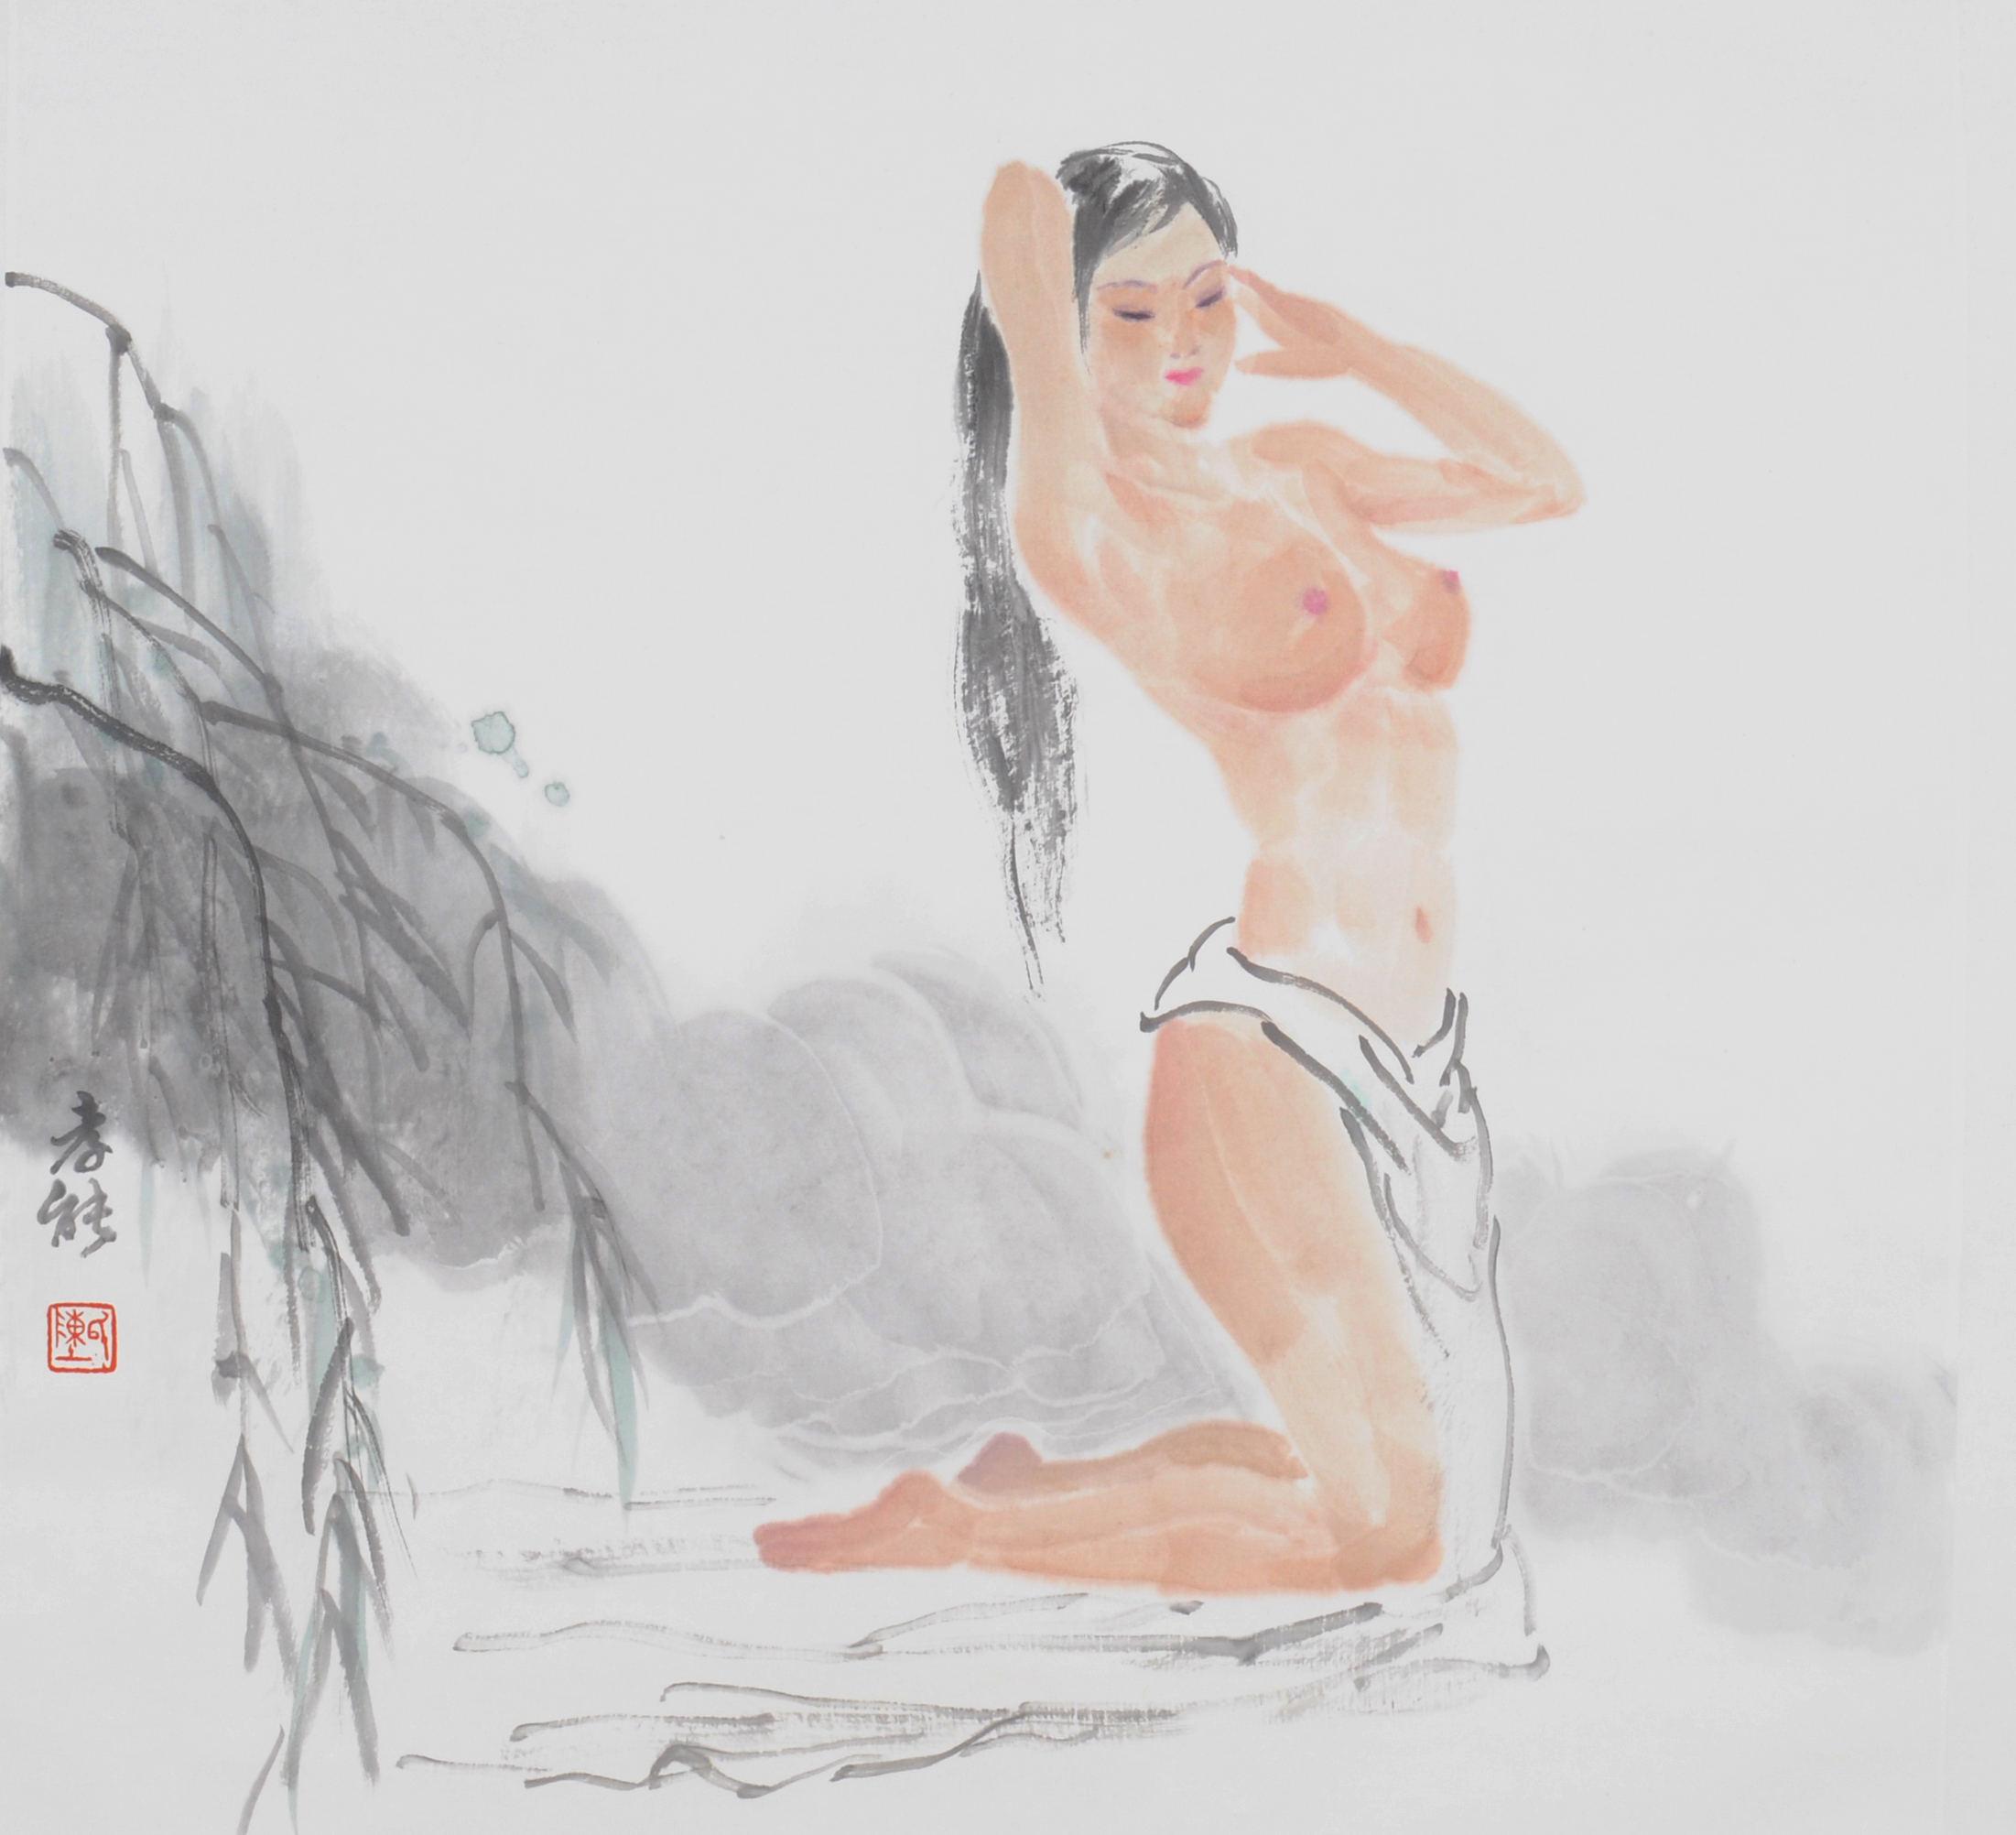 陈孝能 1948年出生于广东海丰。1968年毕业于广州美术学院附中。现为广东省美术家协会会员,广州画院特聘研究员、名誉画师。 2013年10月应纽约中美文化交流协会邀请,携《思乡曲一一音乐家马思聪》等肖像作品在美展出。《思乡曲》捐赠广州艺术博物院,陈列于马思聪纪念馆。由北京工艺美术出版社等出版有《中国当代名画家艺术研究?陈孝能写意人物画艺术》《中国当代美术家书系?陈孝能颂佛作品》《陈孝能人物画选》《故里俊杰一一陈孝能人物画作品集》等。 。